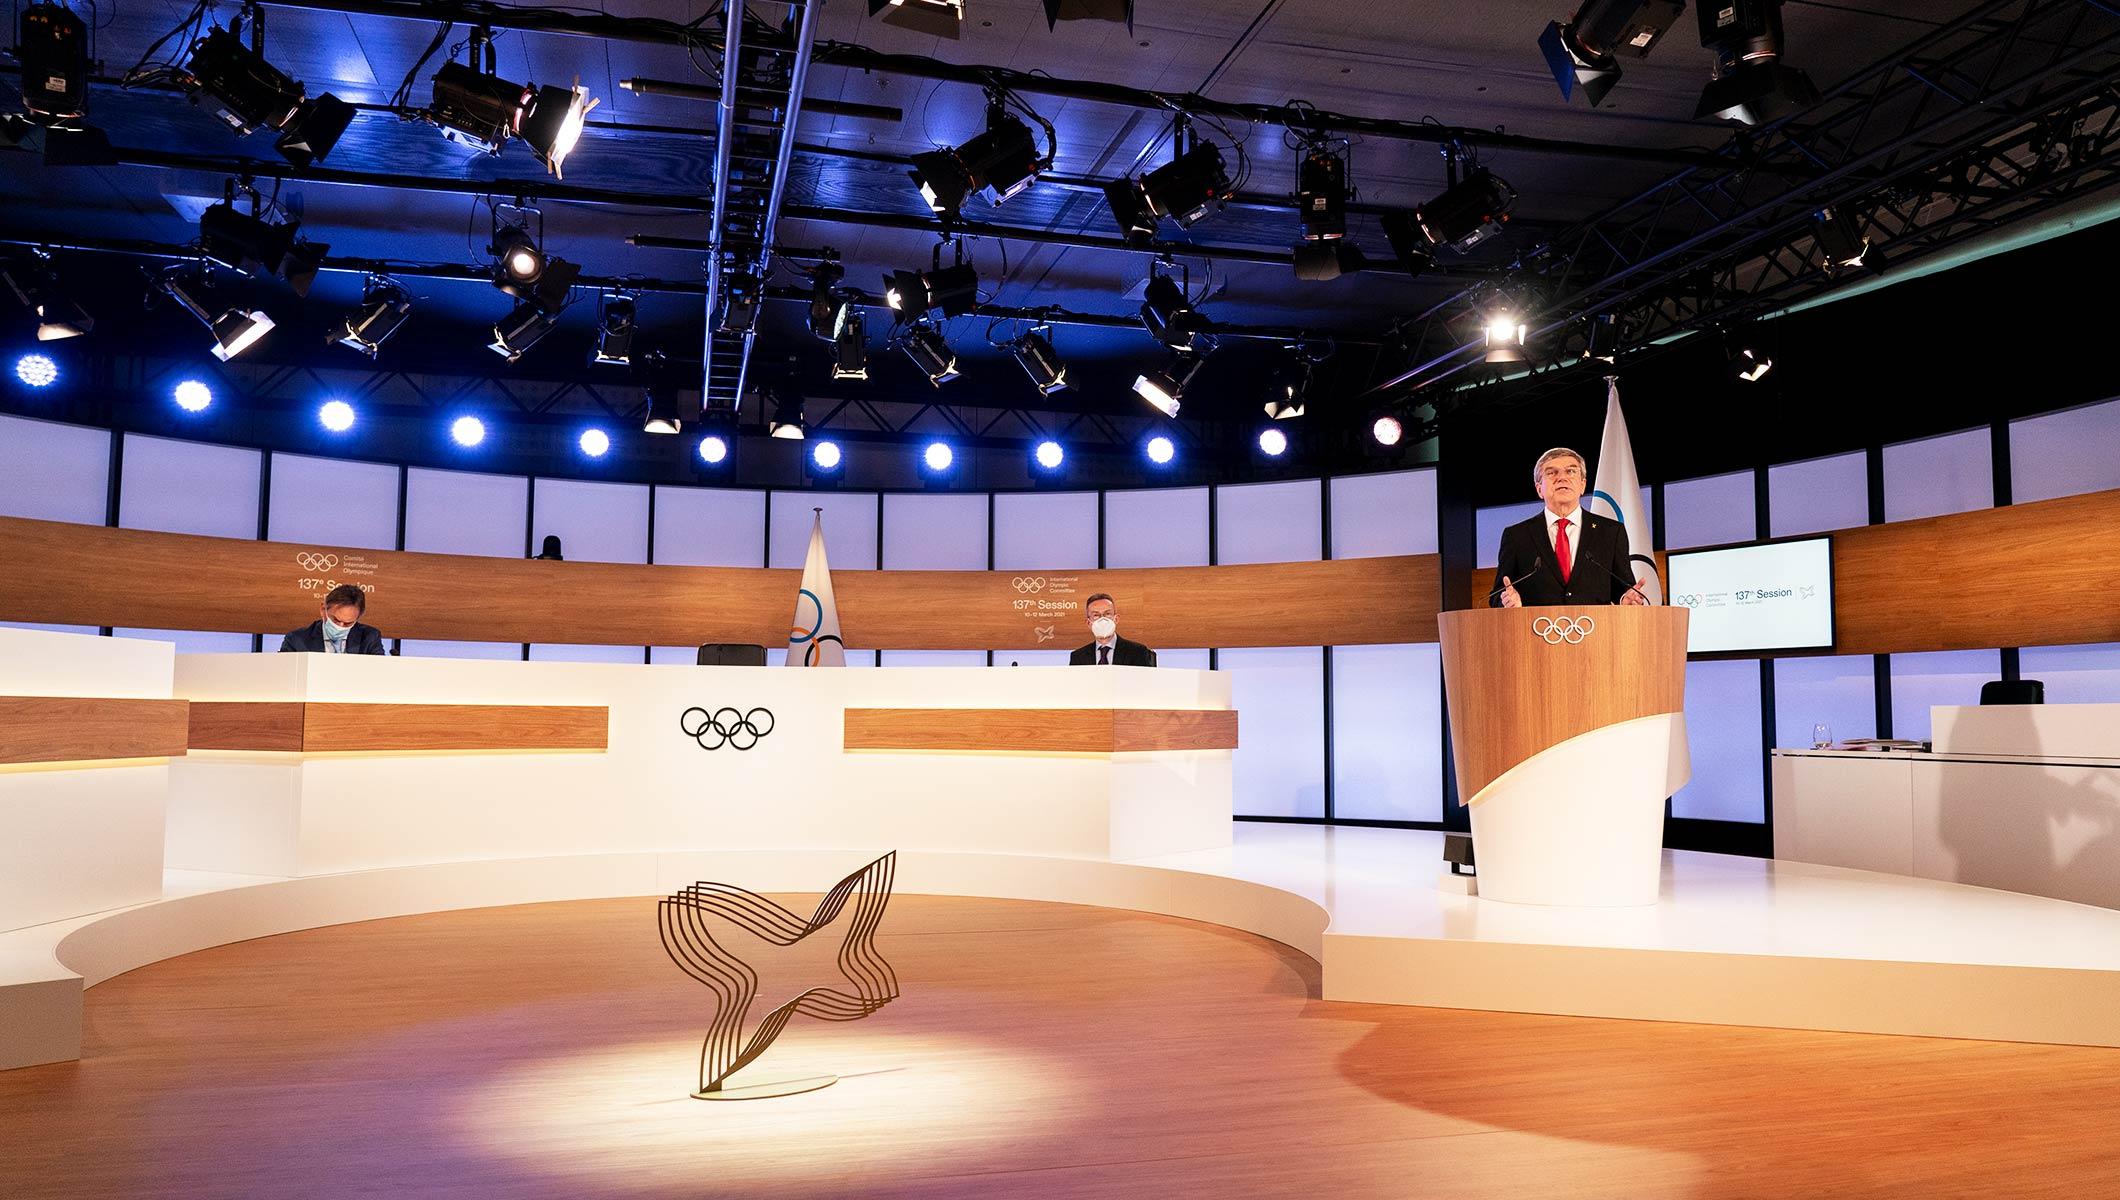 Bach considera apoyo de comunidad internacional es señal de confianza para Tokio 2020